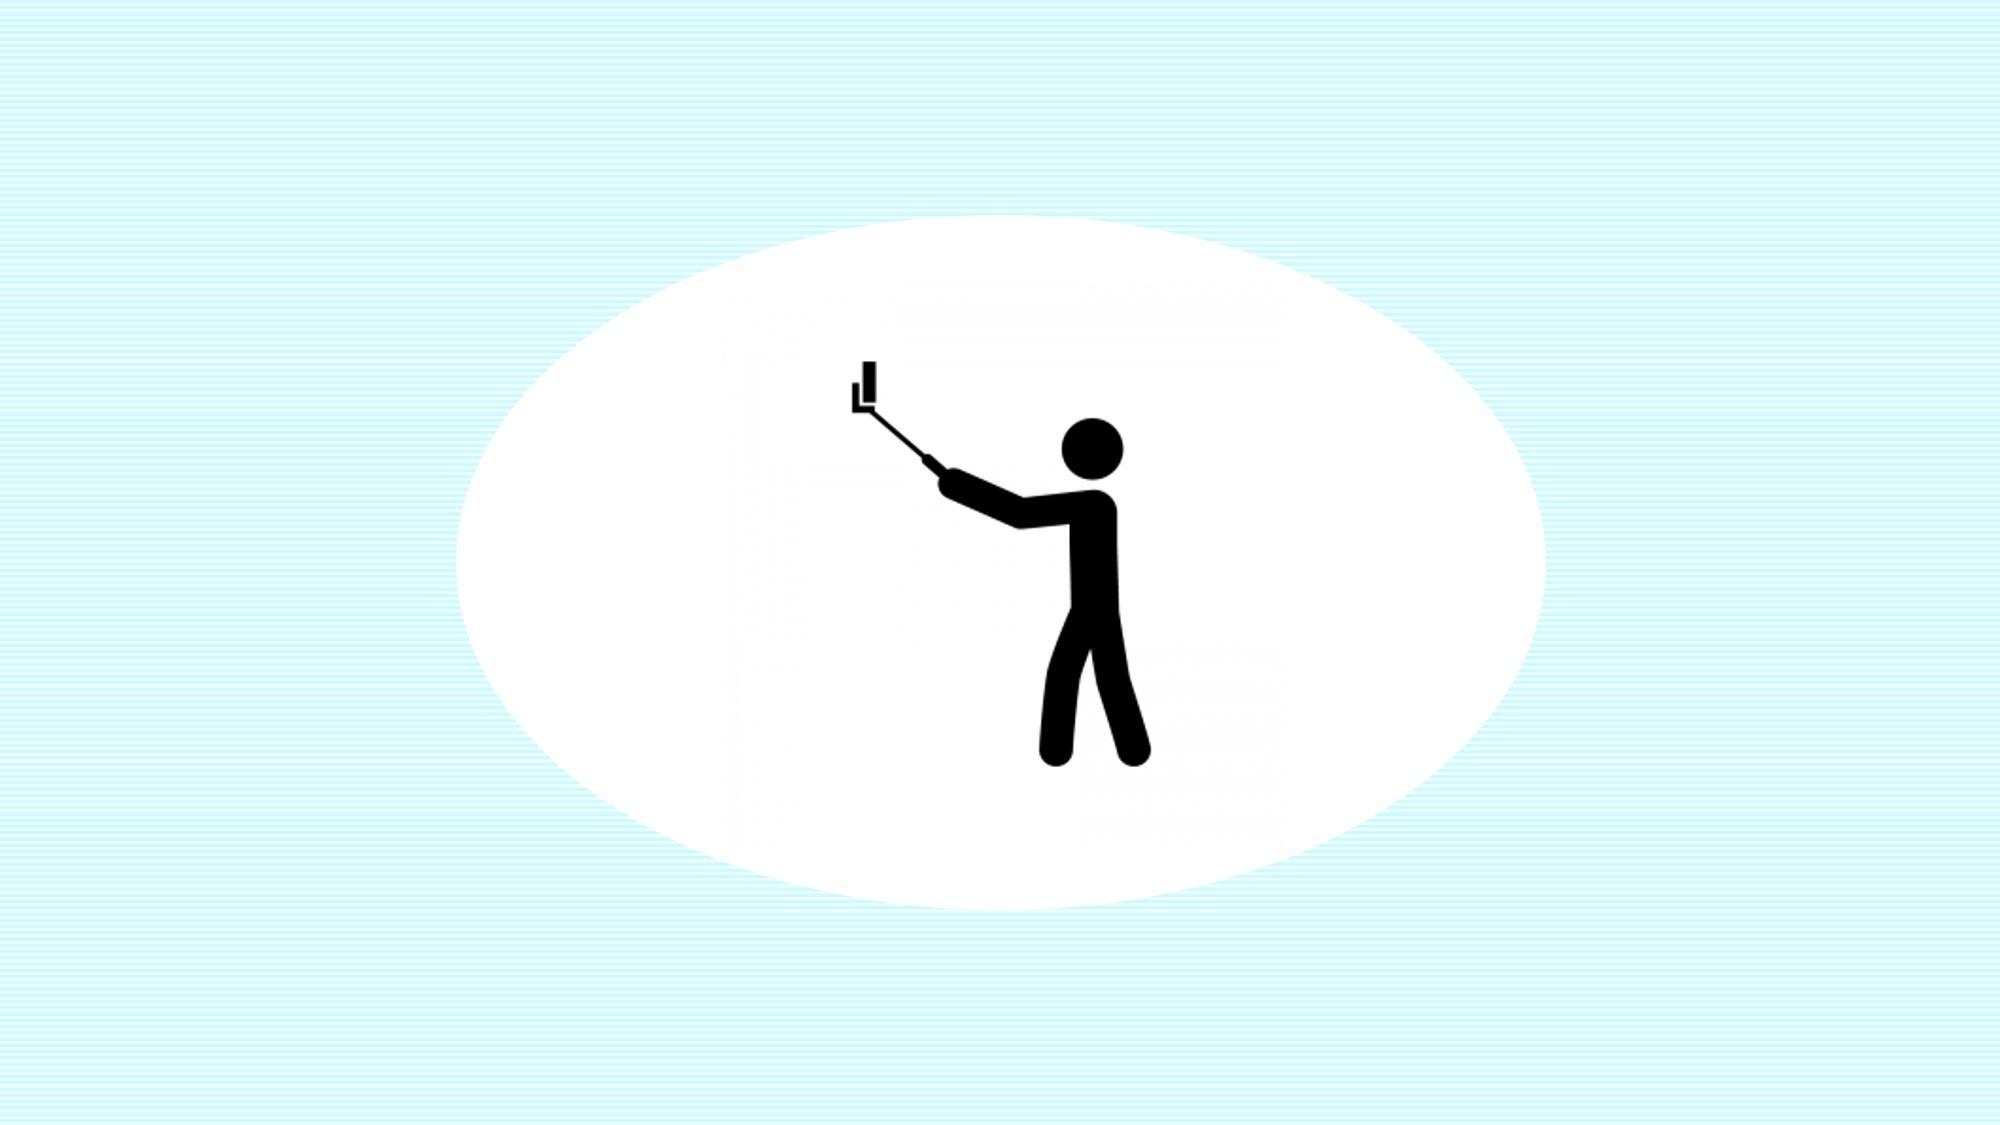 なぜ、素人のYouTube動画でも「問合せ」が殺到するのか?